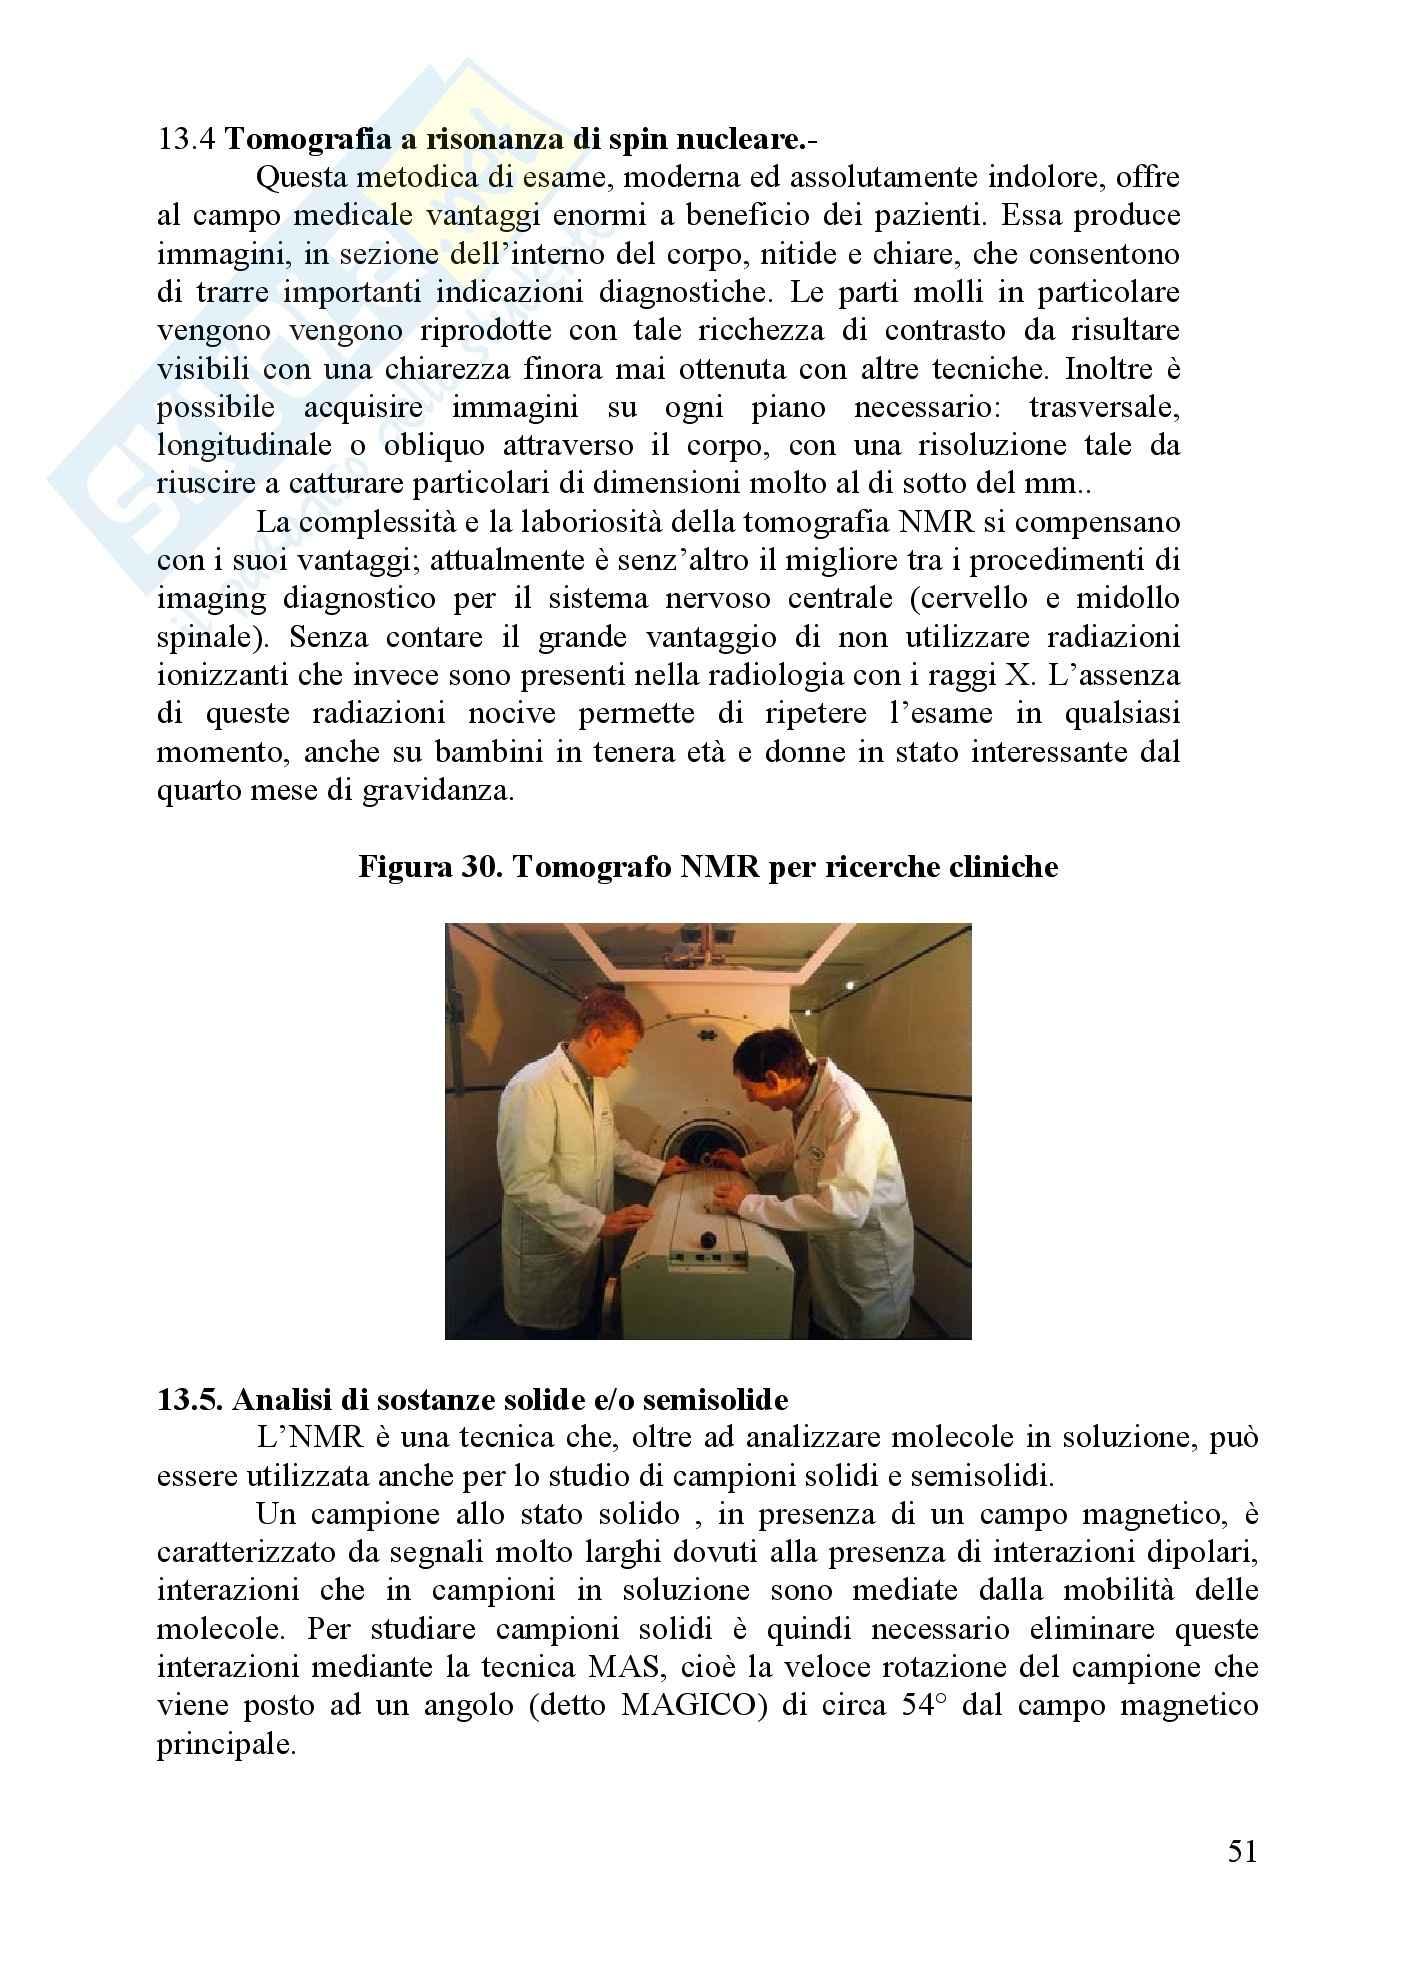 Spettroscopia - spettroscopia nmr Pag. 51